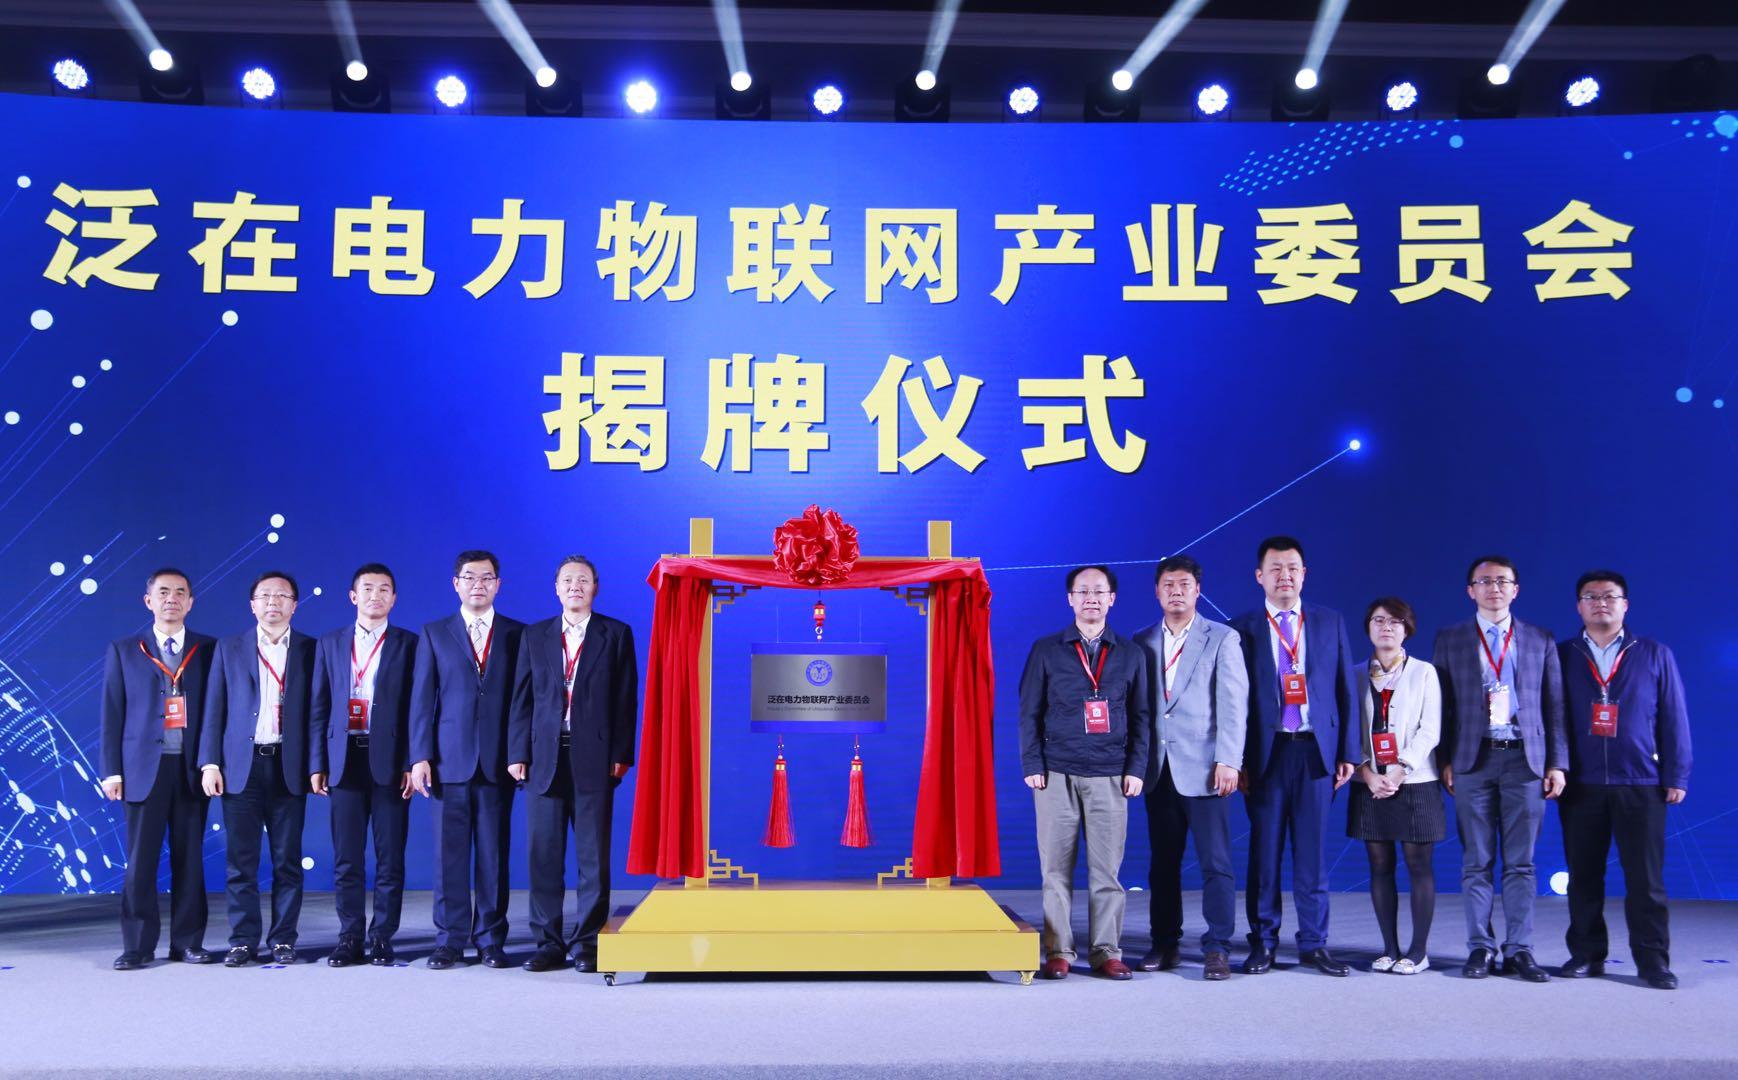 泛在电力物联网产业委员会成立大会在京隆重举行